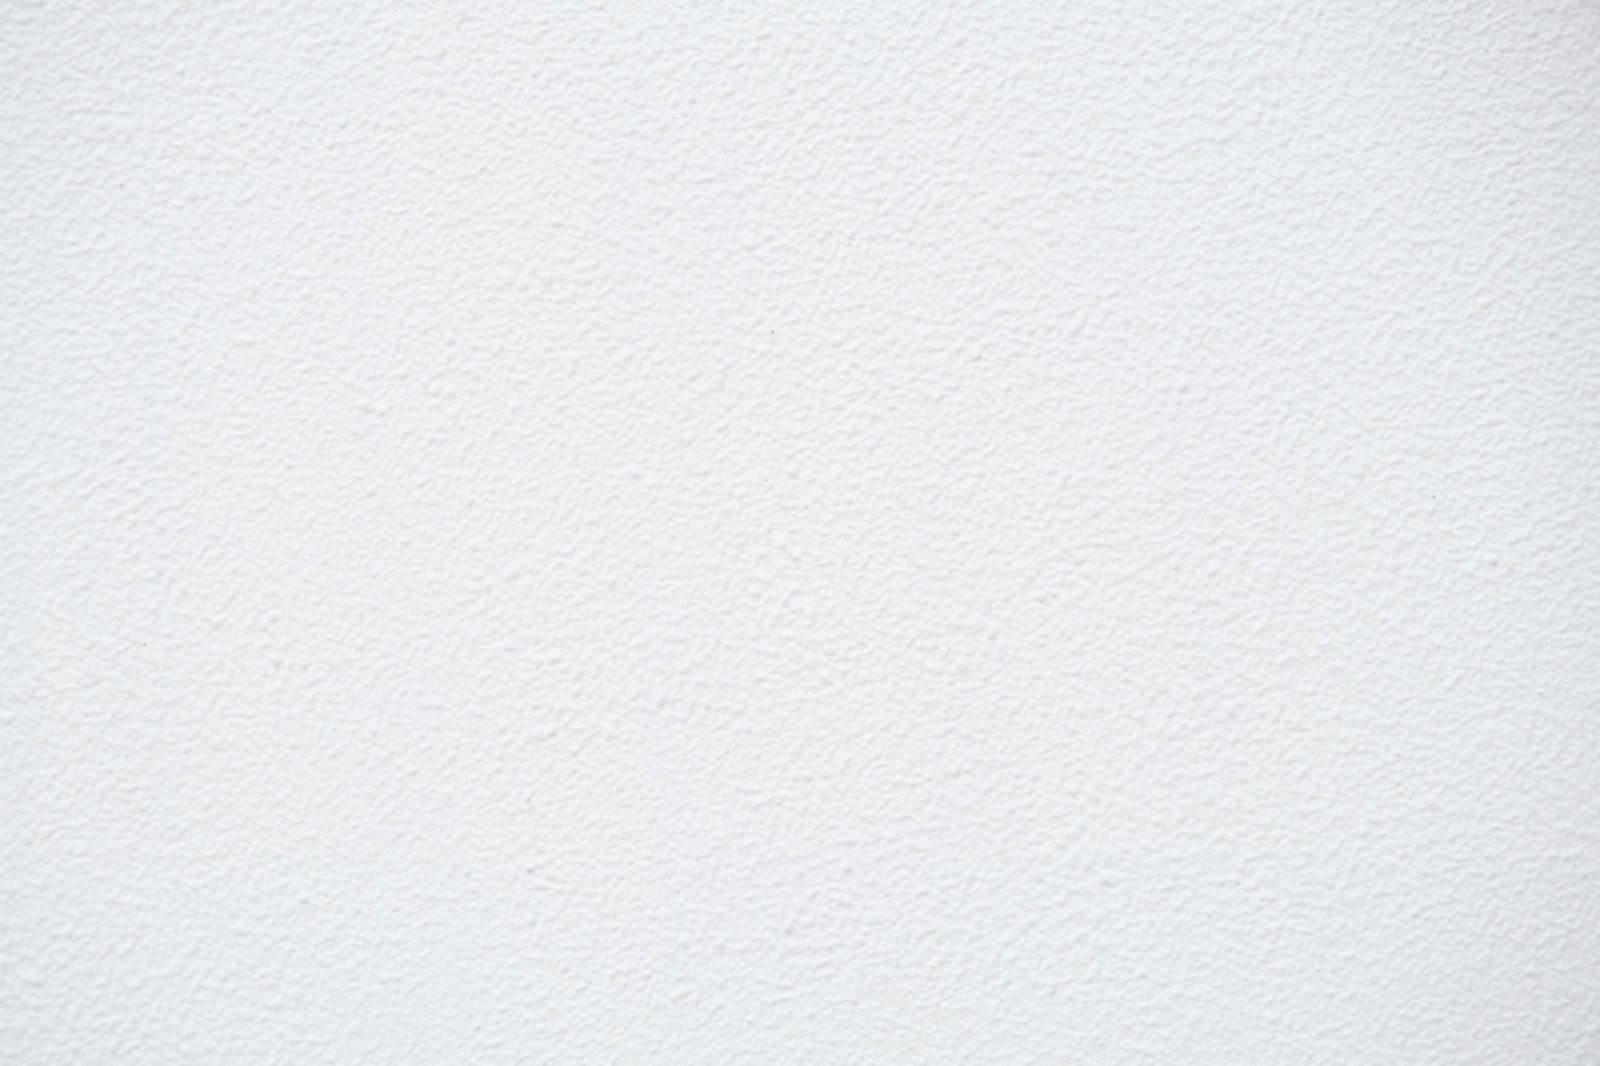 「白色に塗装した外壁(テクスチャ)」の写真